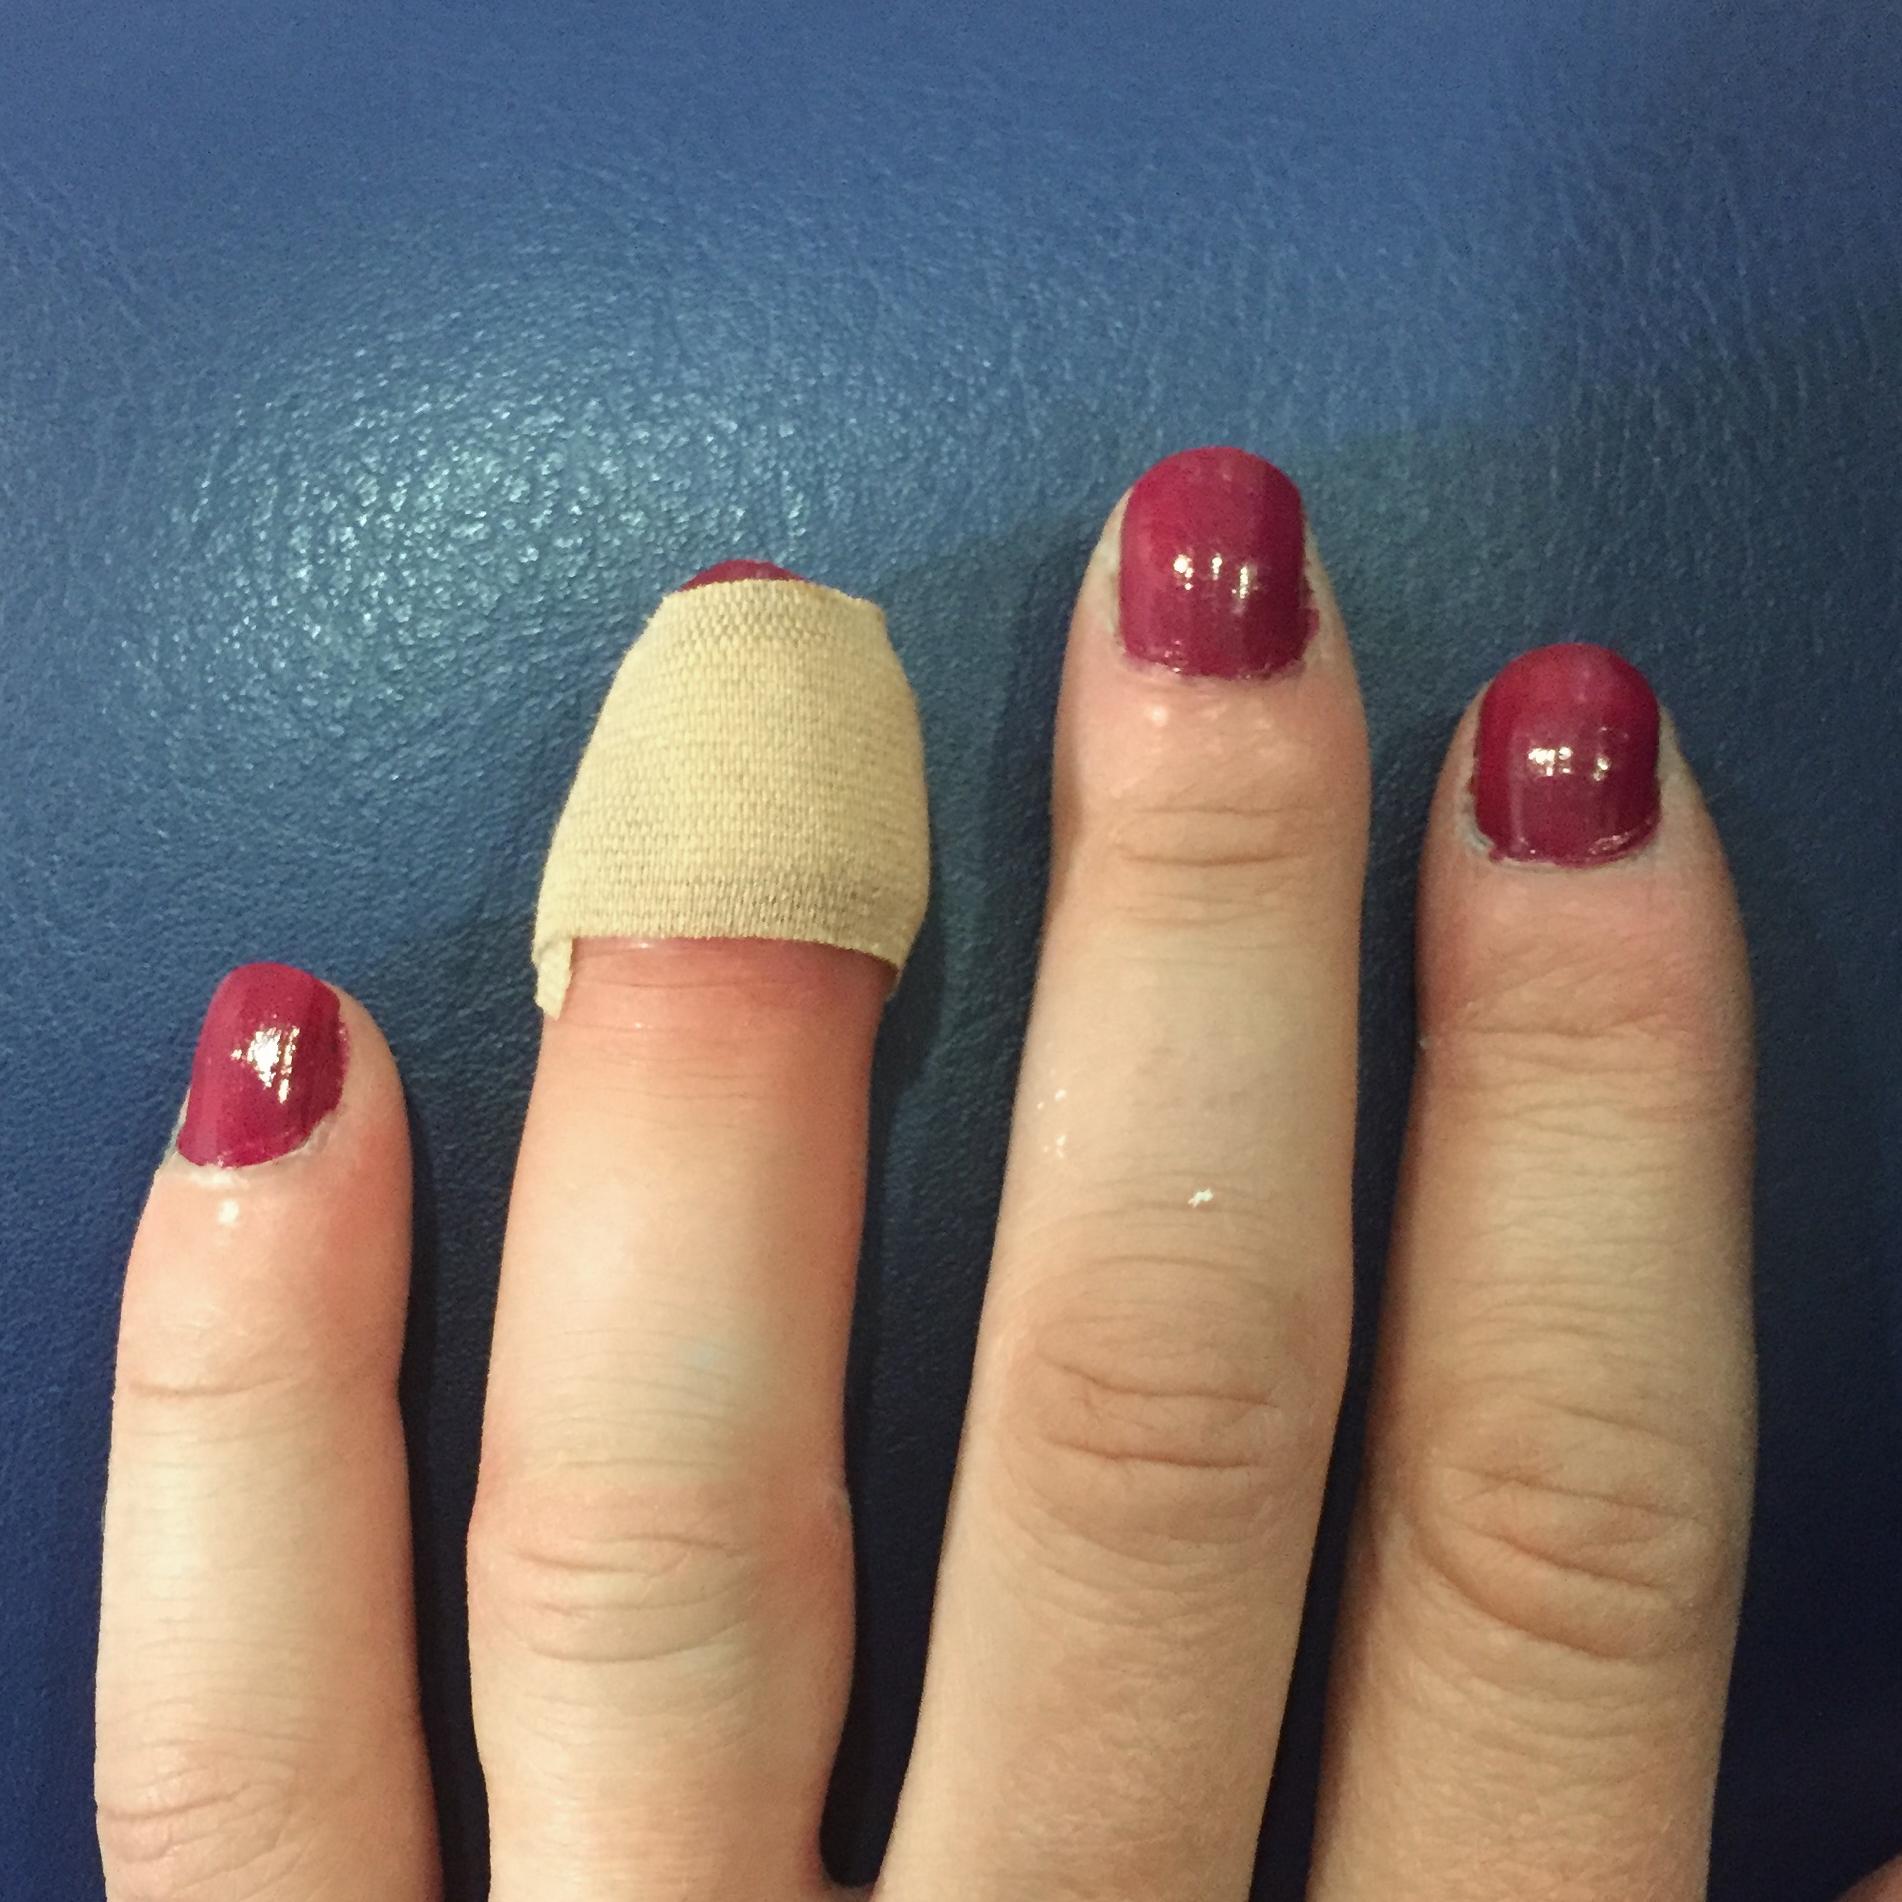 My swollen finger. Nice.